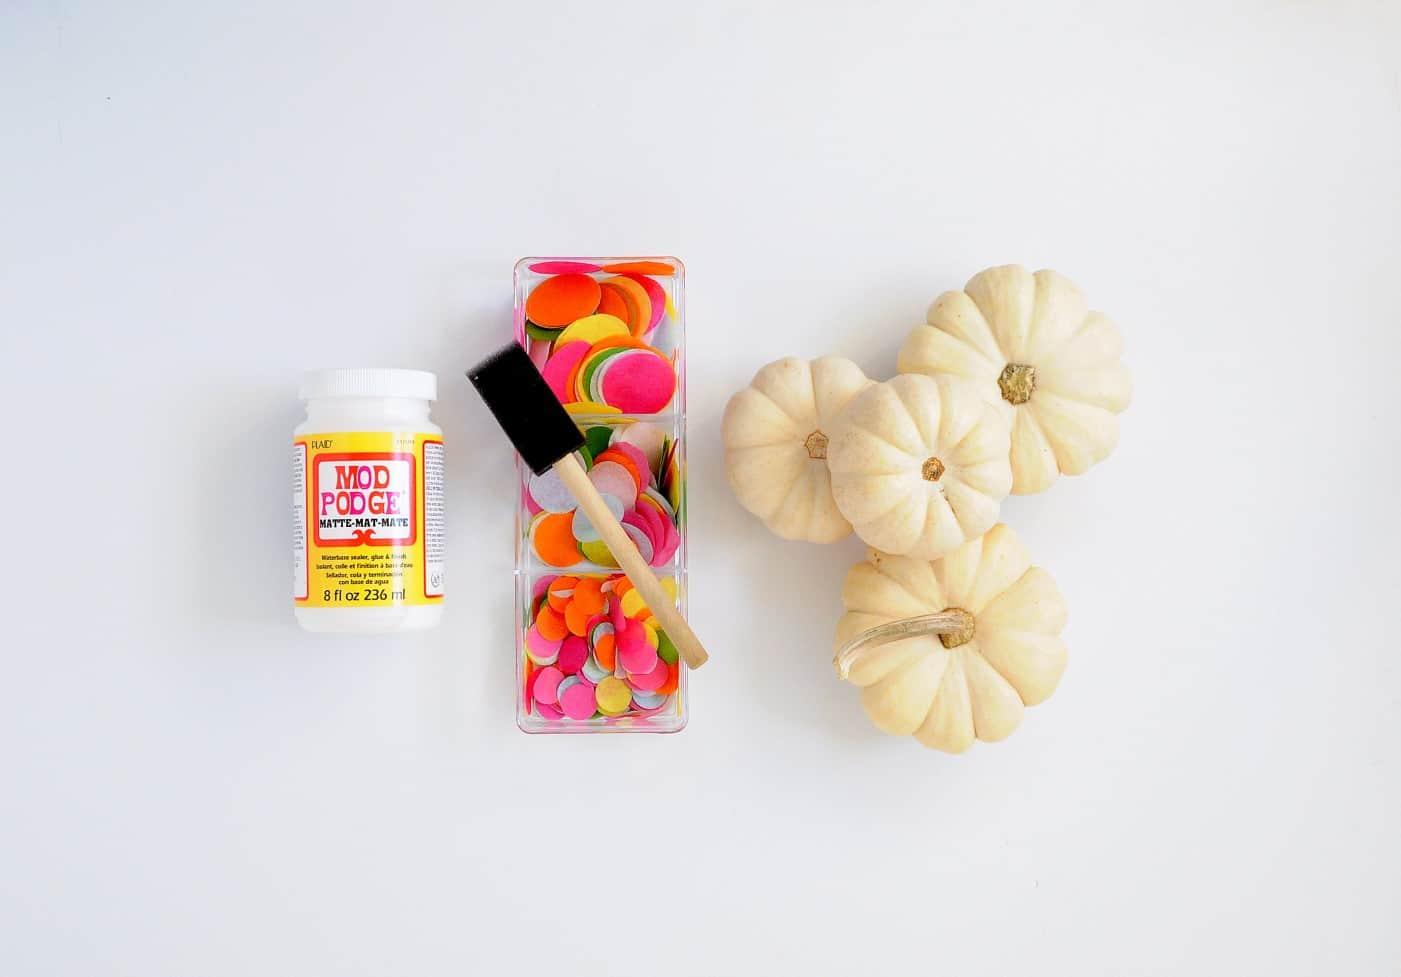 Mod Podge Matte, confetti, and small white pumpkins